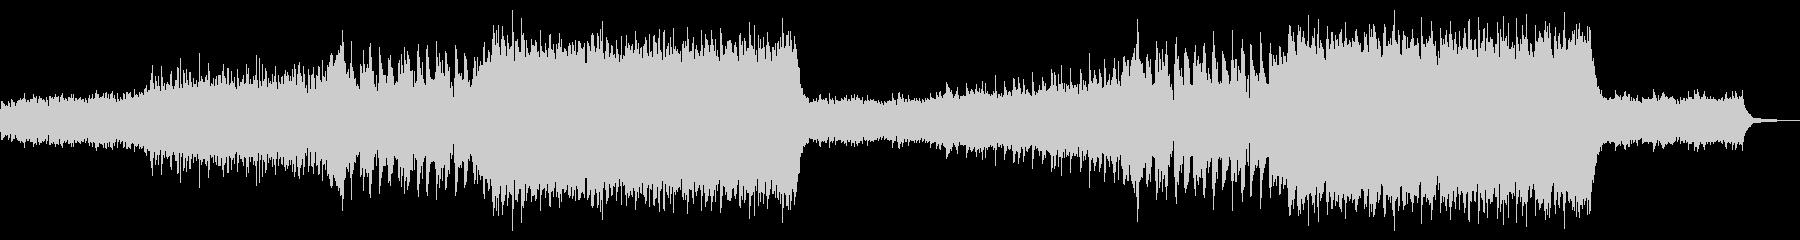 アドベンチャートレーラーの未再生の波形